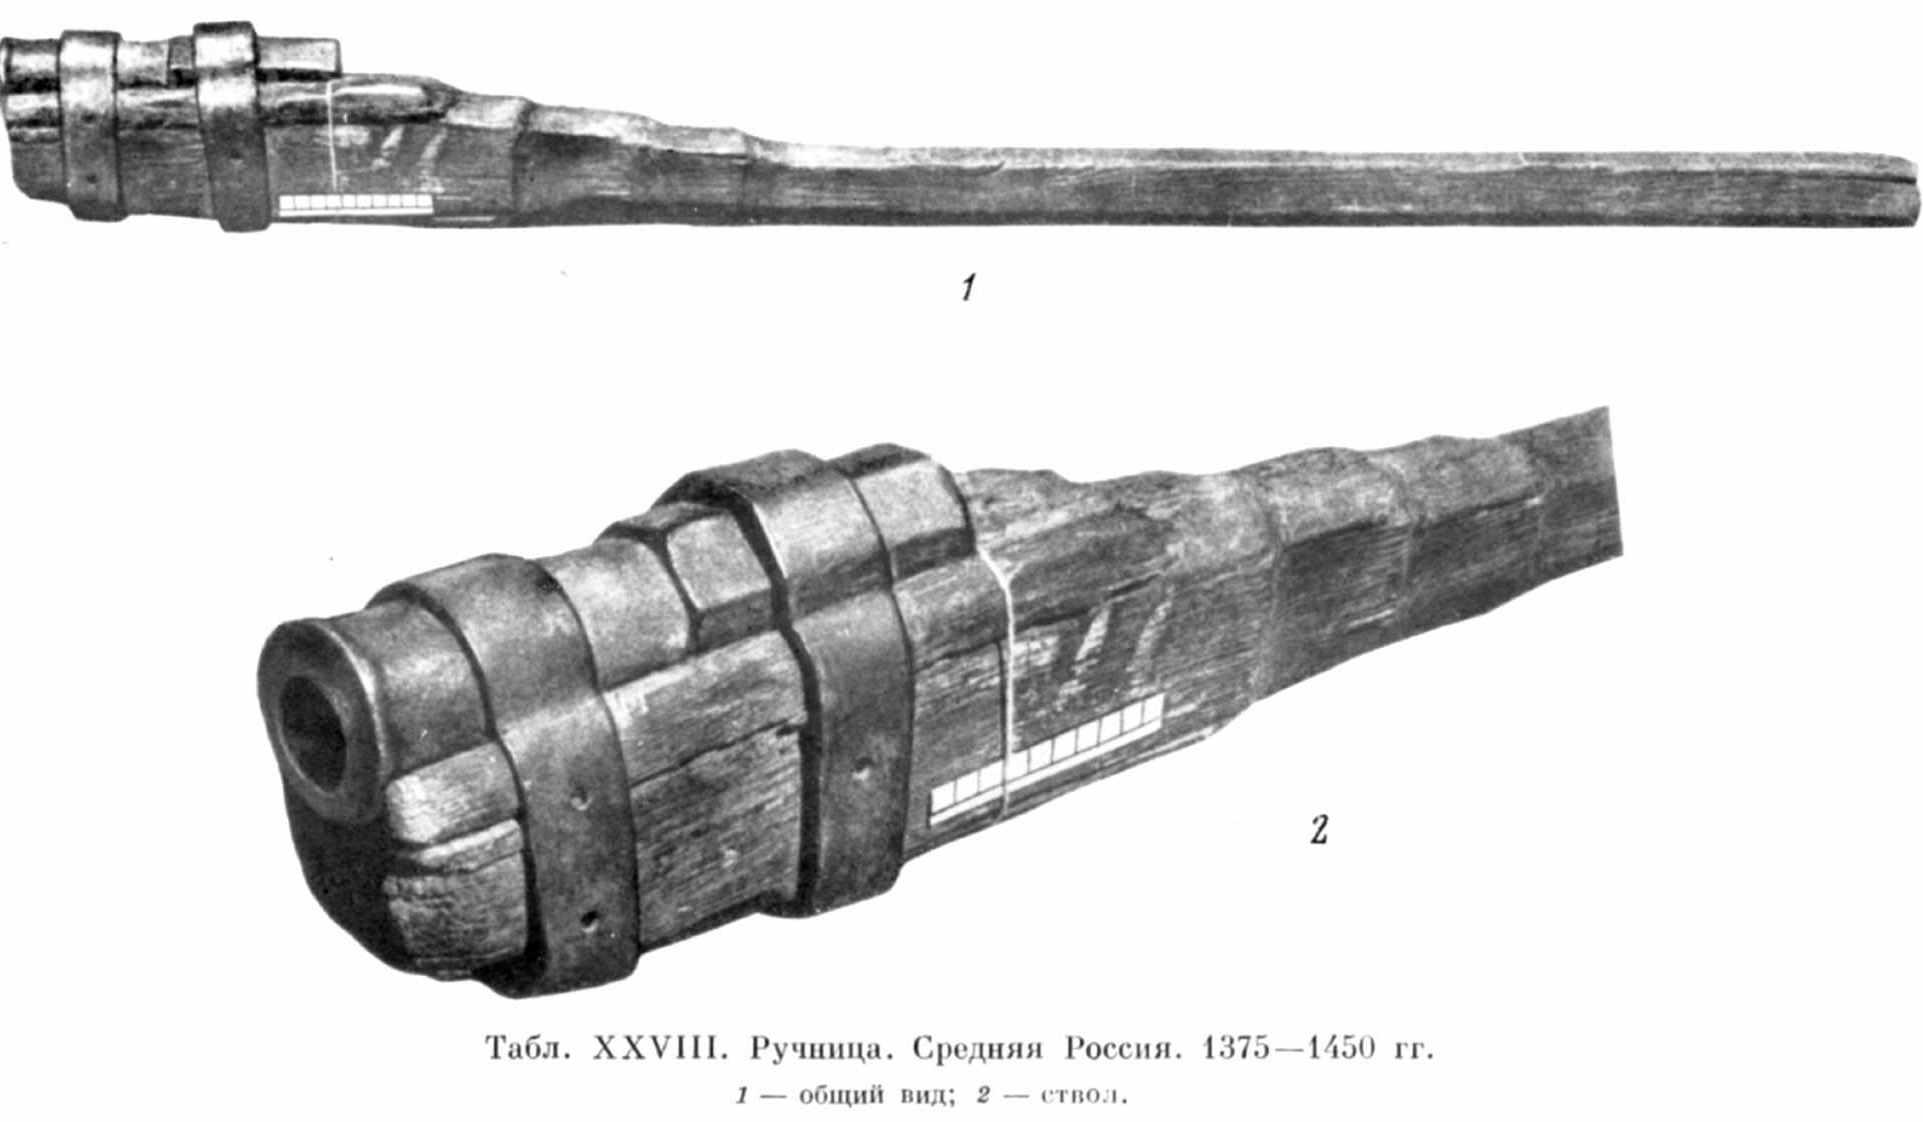 русские пищали и ручницы 16-17 века фото